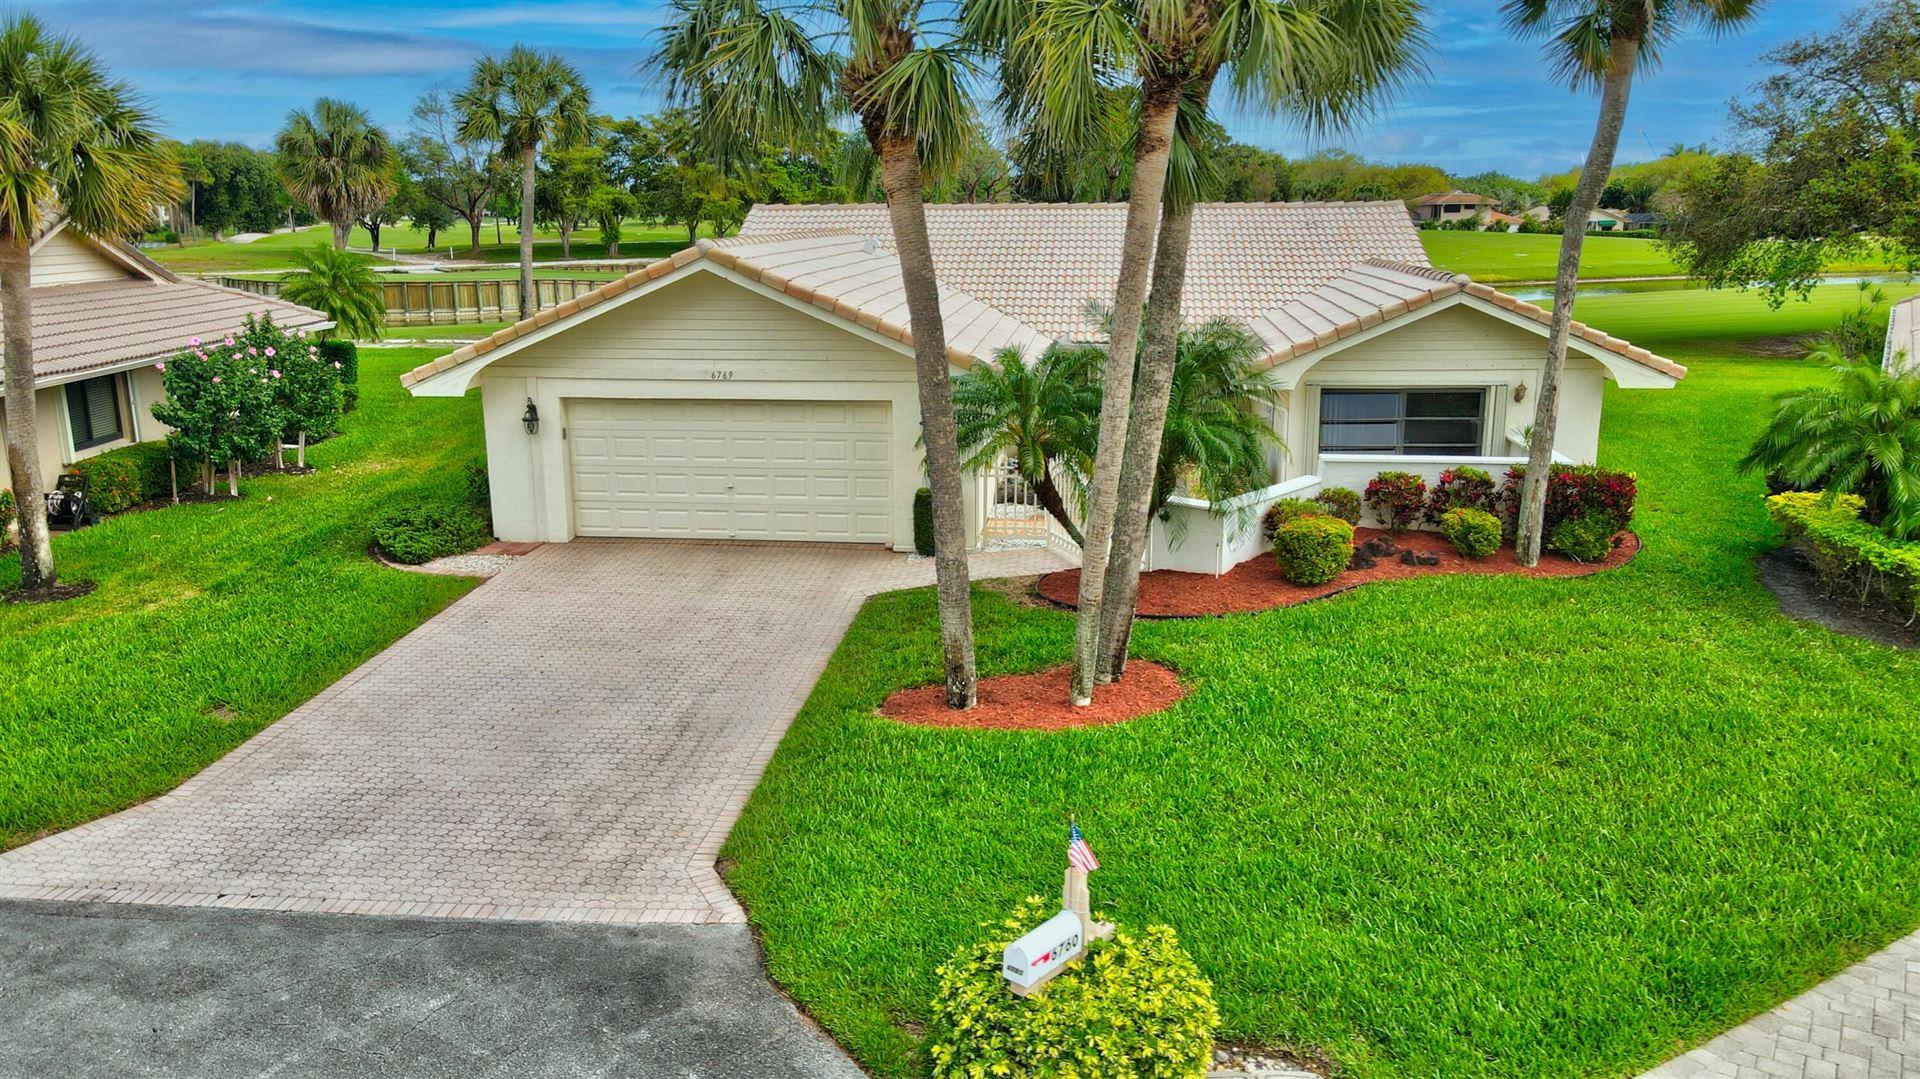 6769 Villas Drive E, Boca Raton, FL 33433 - #: RX-10696400